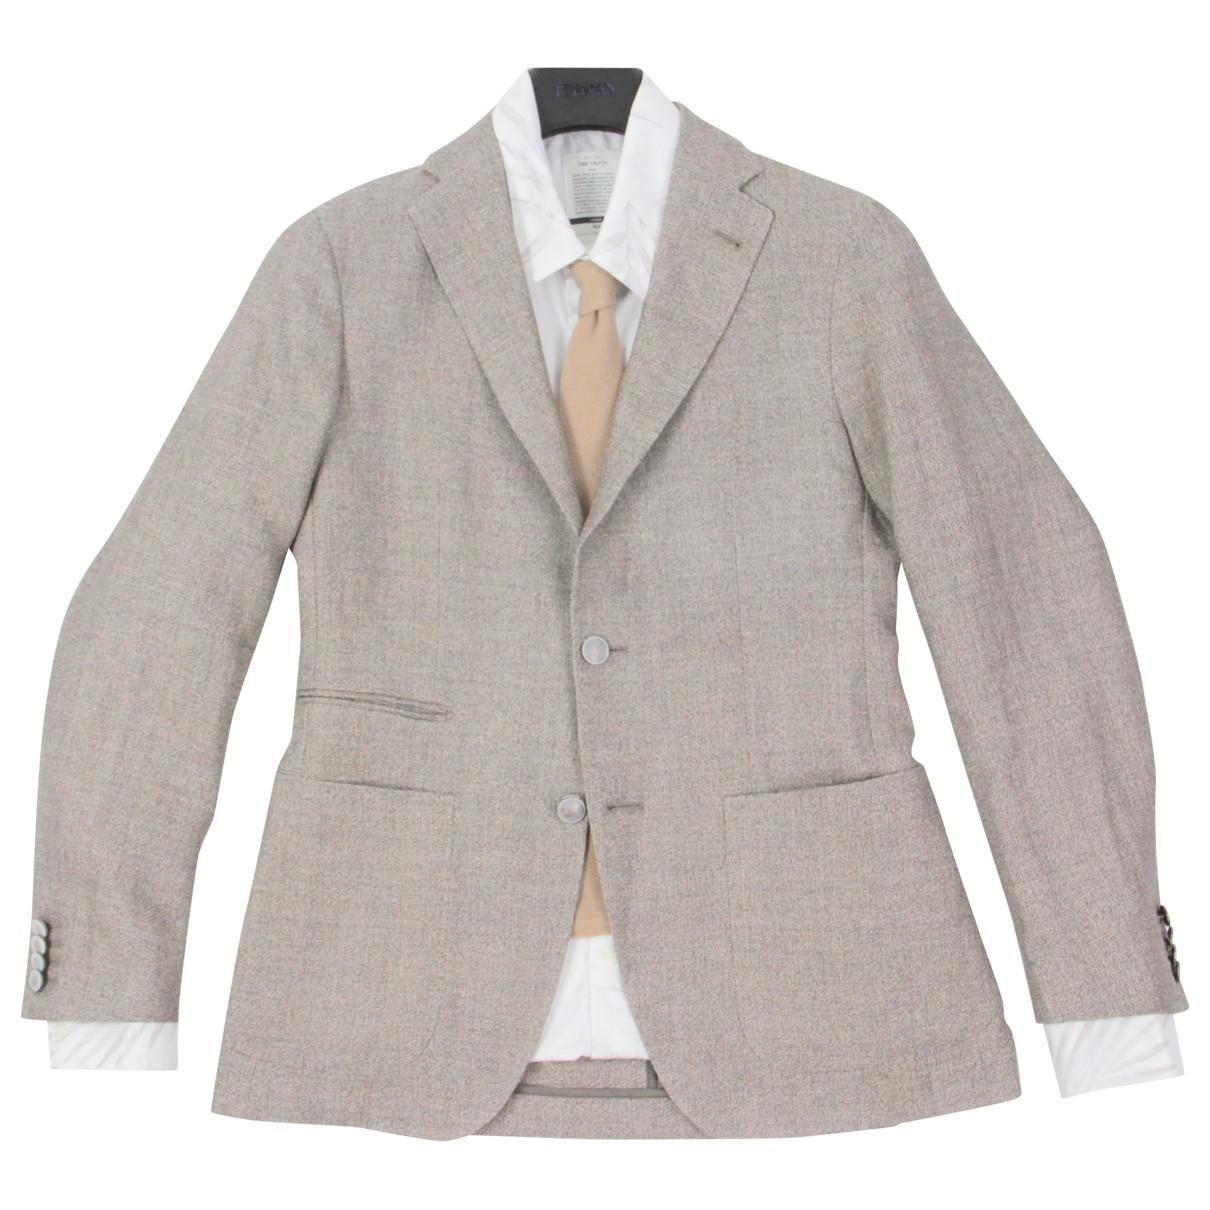 Tagliatore \N Brown Linen jacket  for Men 44 FR